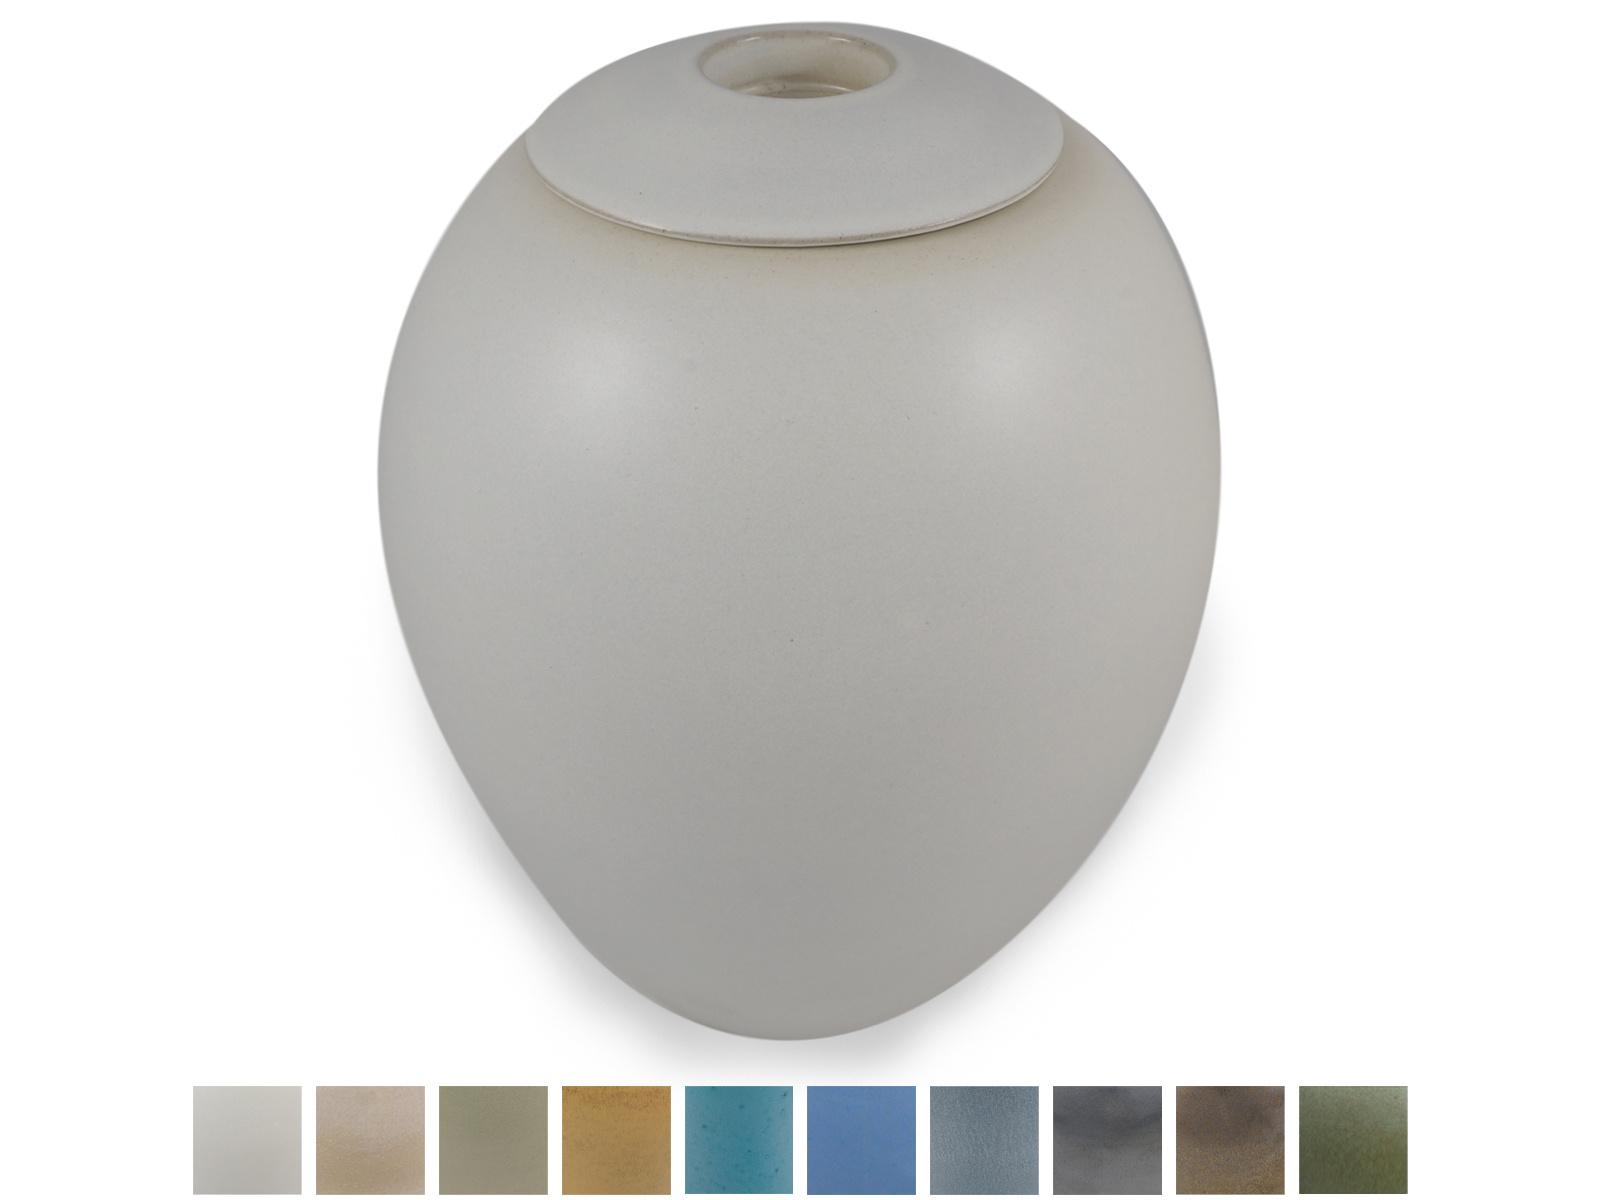 Keramische urn elegant groot met kaarsje - verkrijgbaar in 10 kleuren